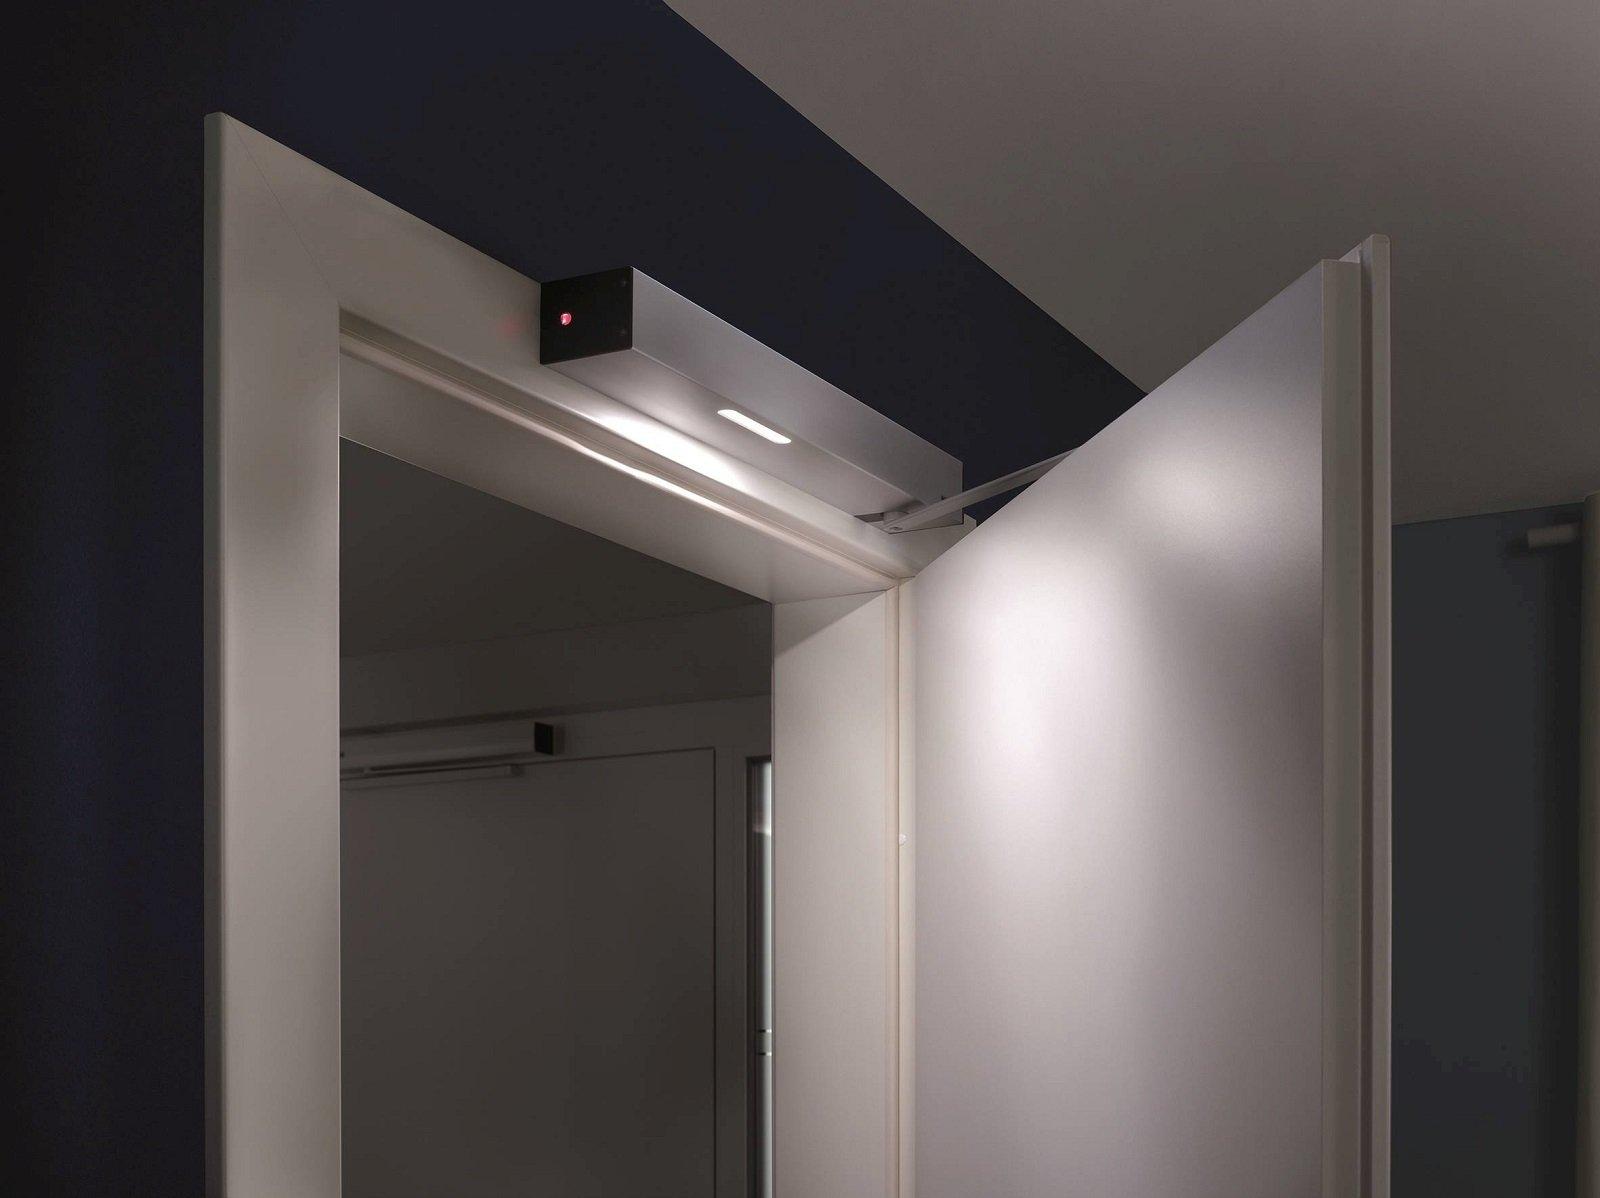 Illuminazione automatica casa casa illuminazione impianto